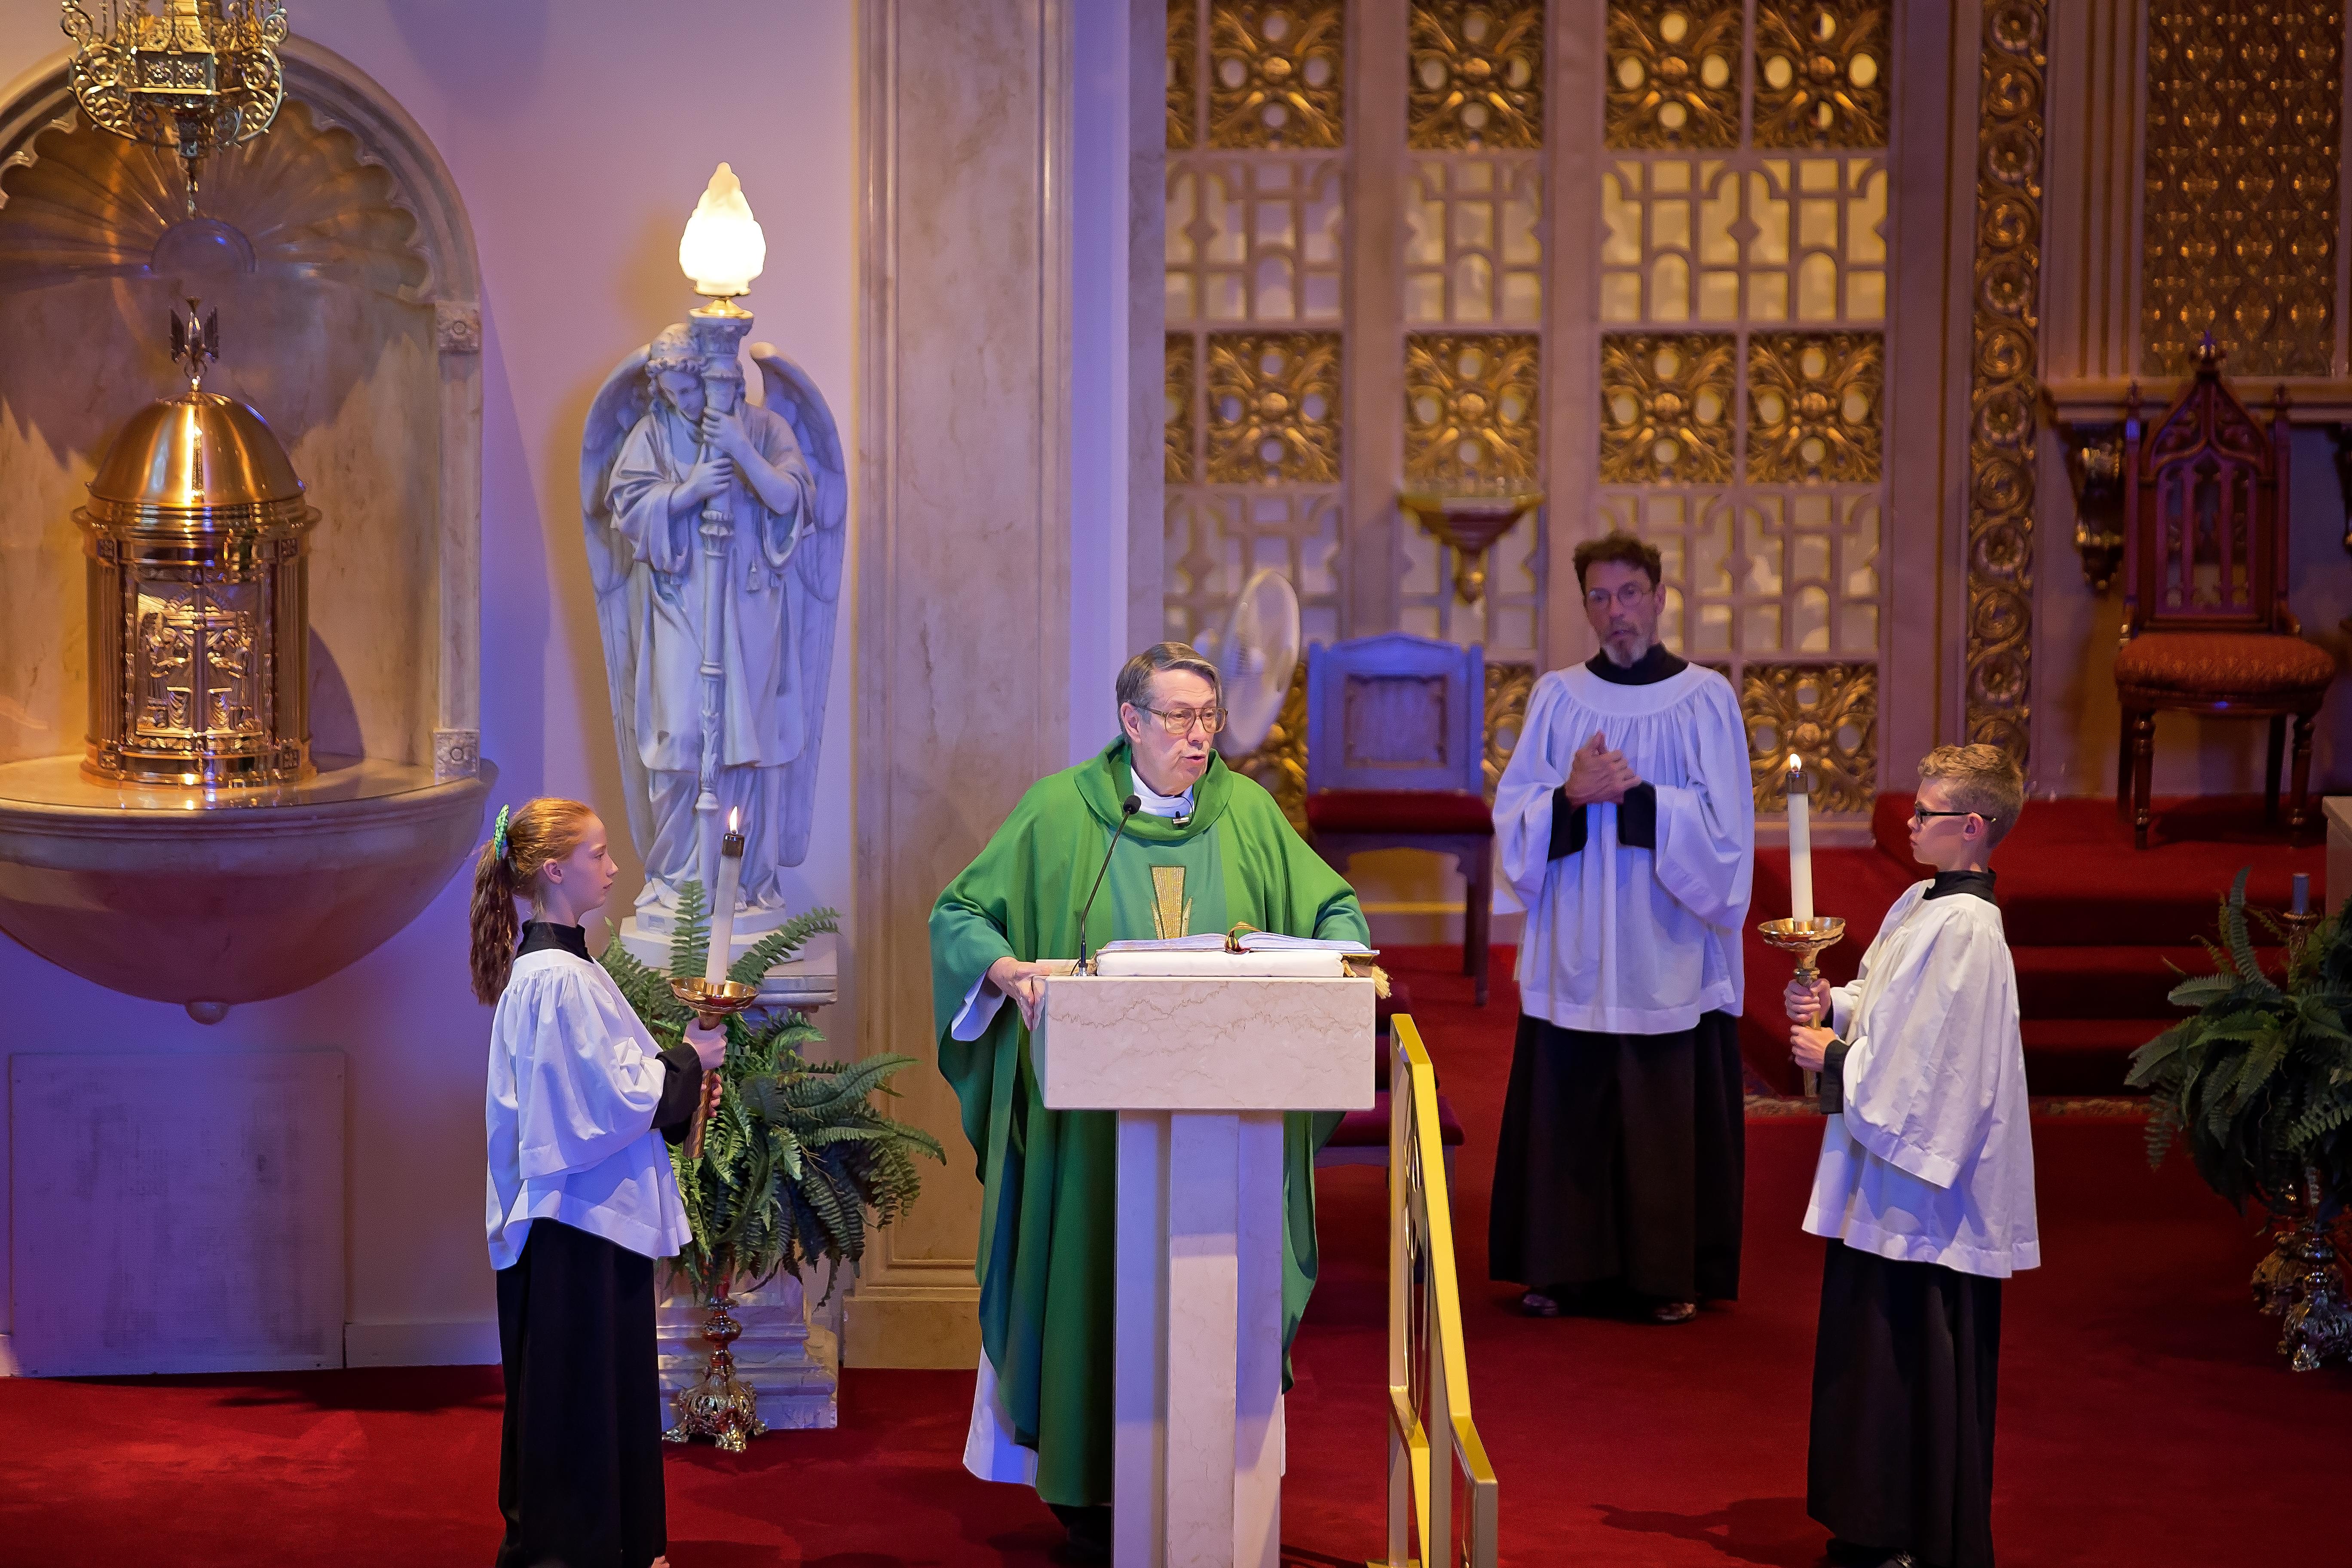 Fr. John Peeters